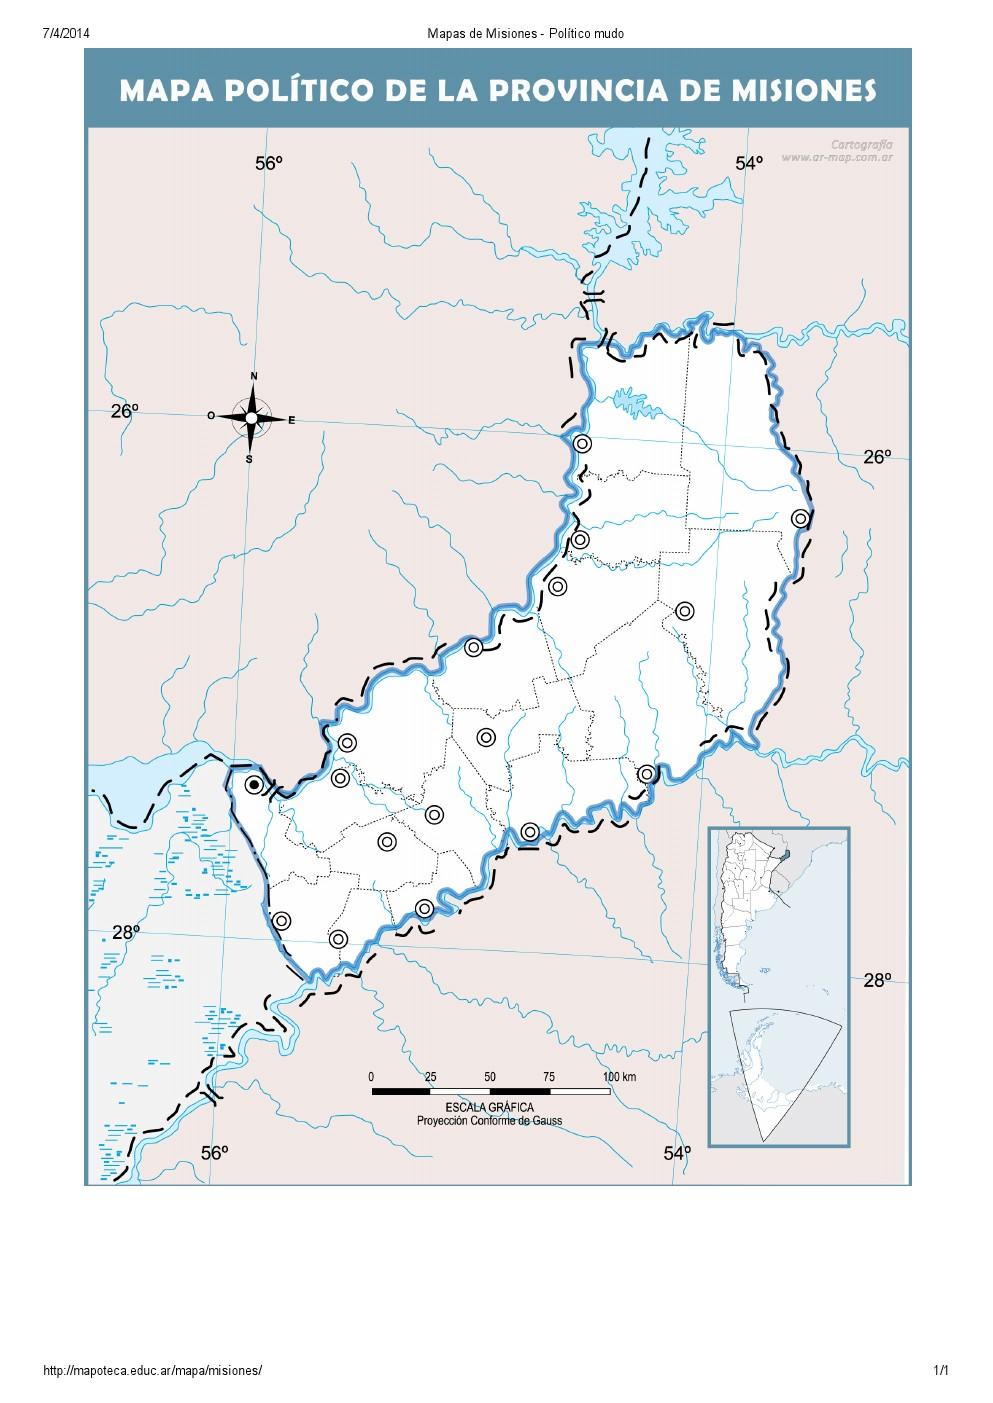 Mapa mudo de capitales de Misiones. Mapoteca de Educ.ar